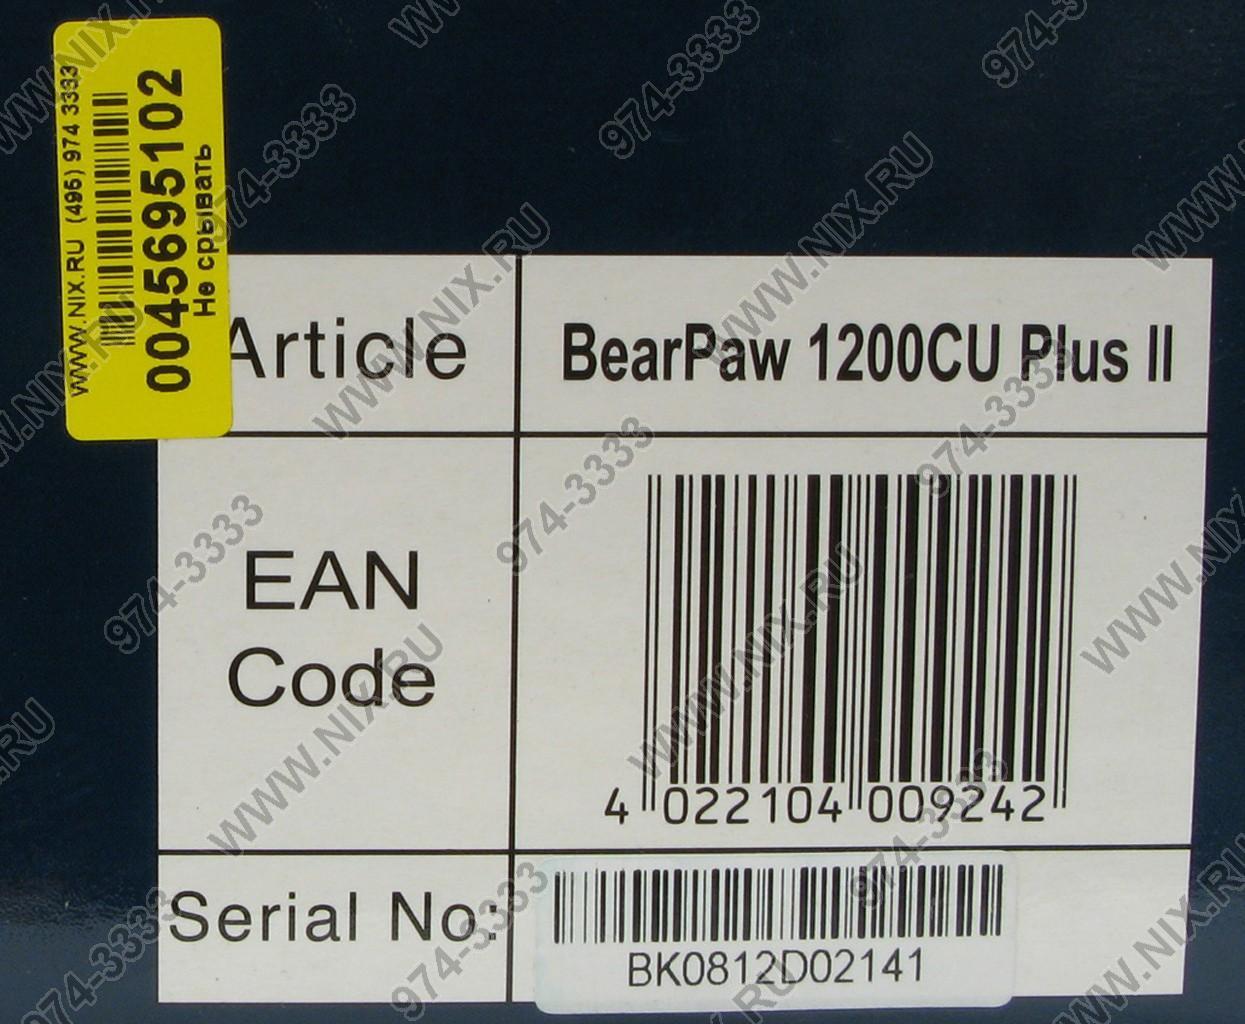 Могу найти работающий драйвер на мой старенький сканер mustek 1200 cu plus (питание от usb)